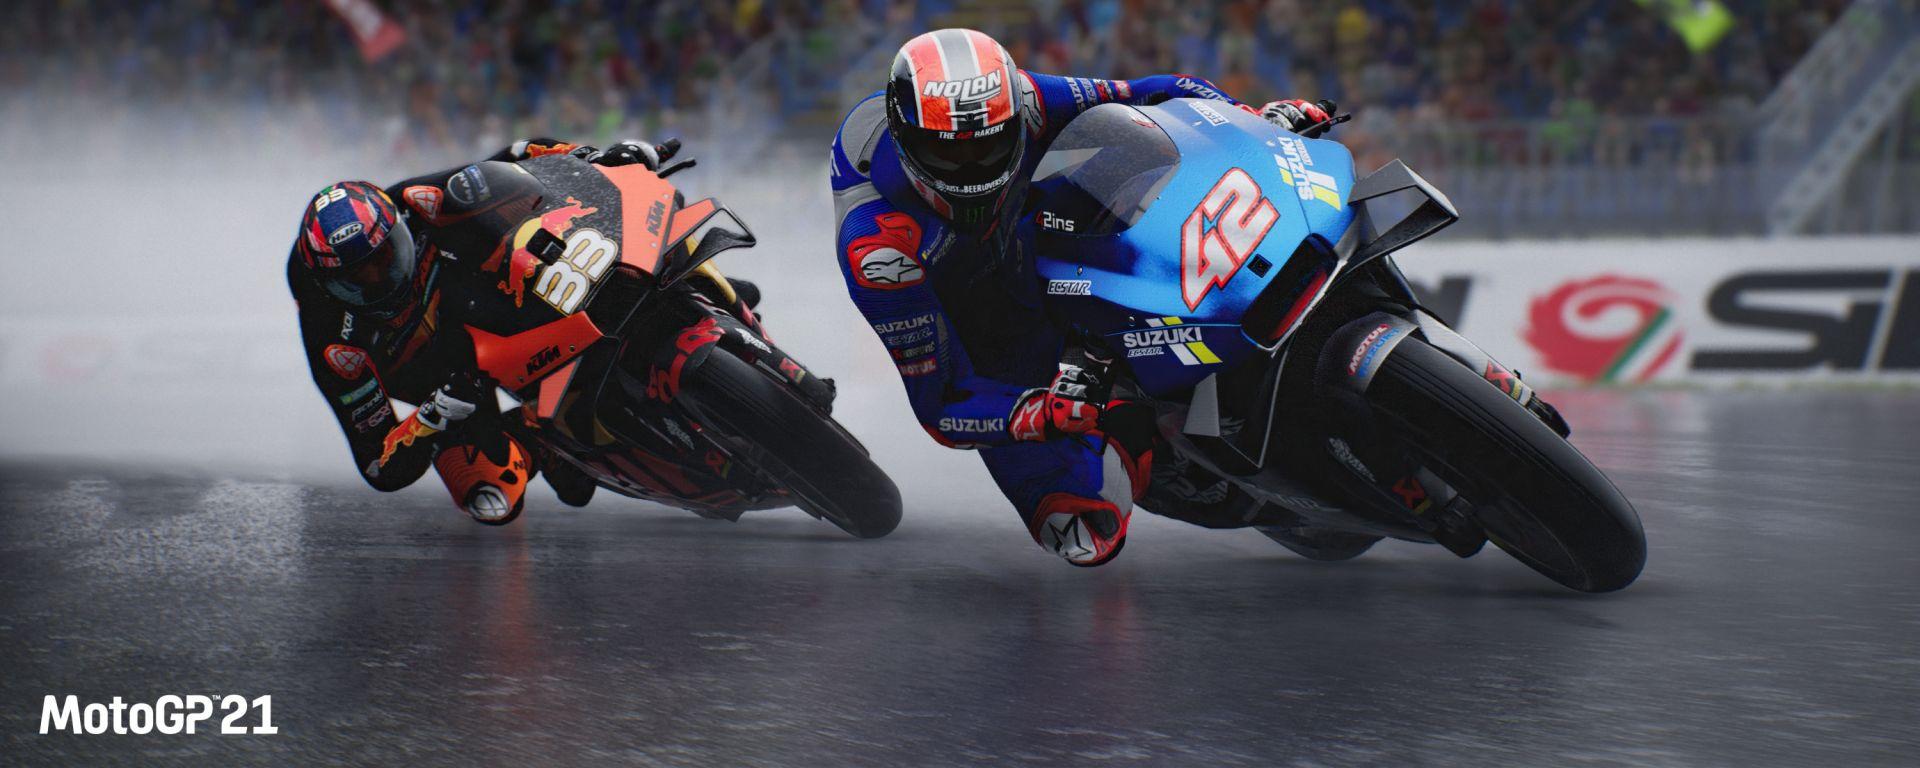 MotoGP 21, il nuovo gioco di corse di Milestone